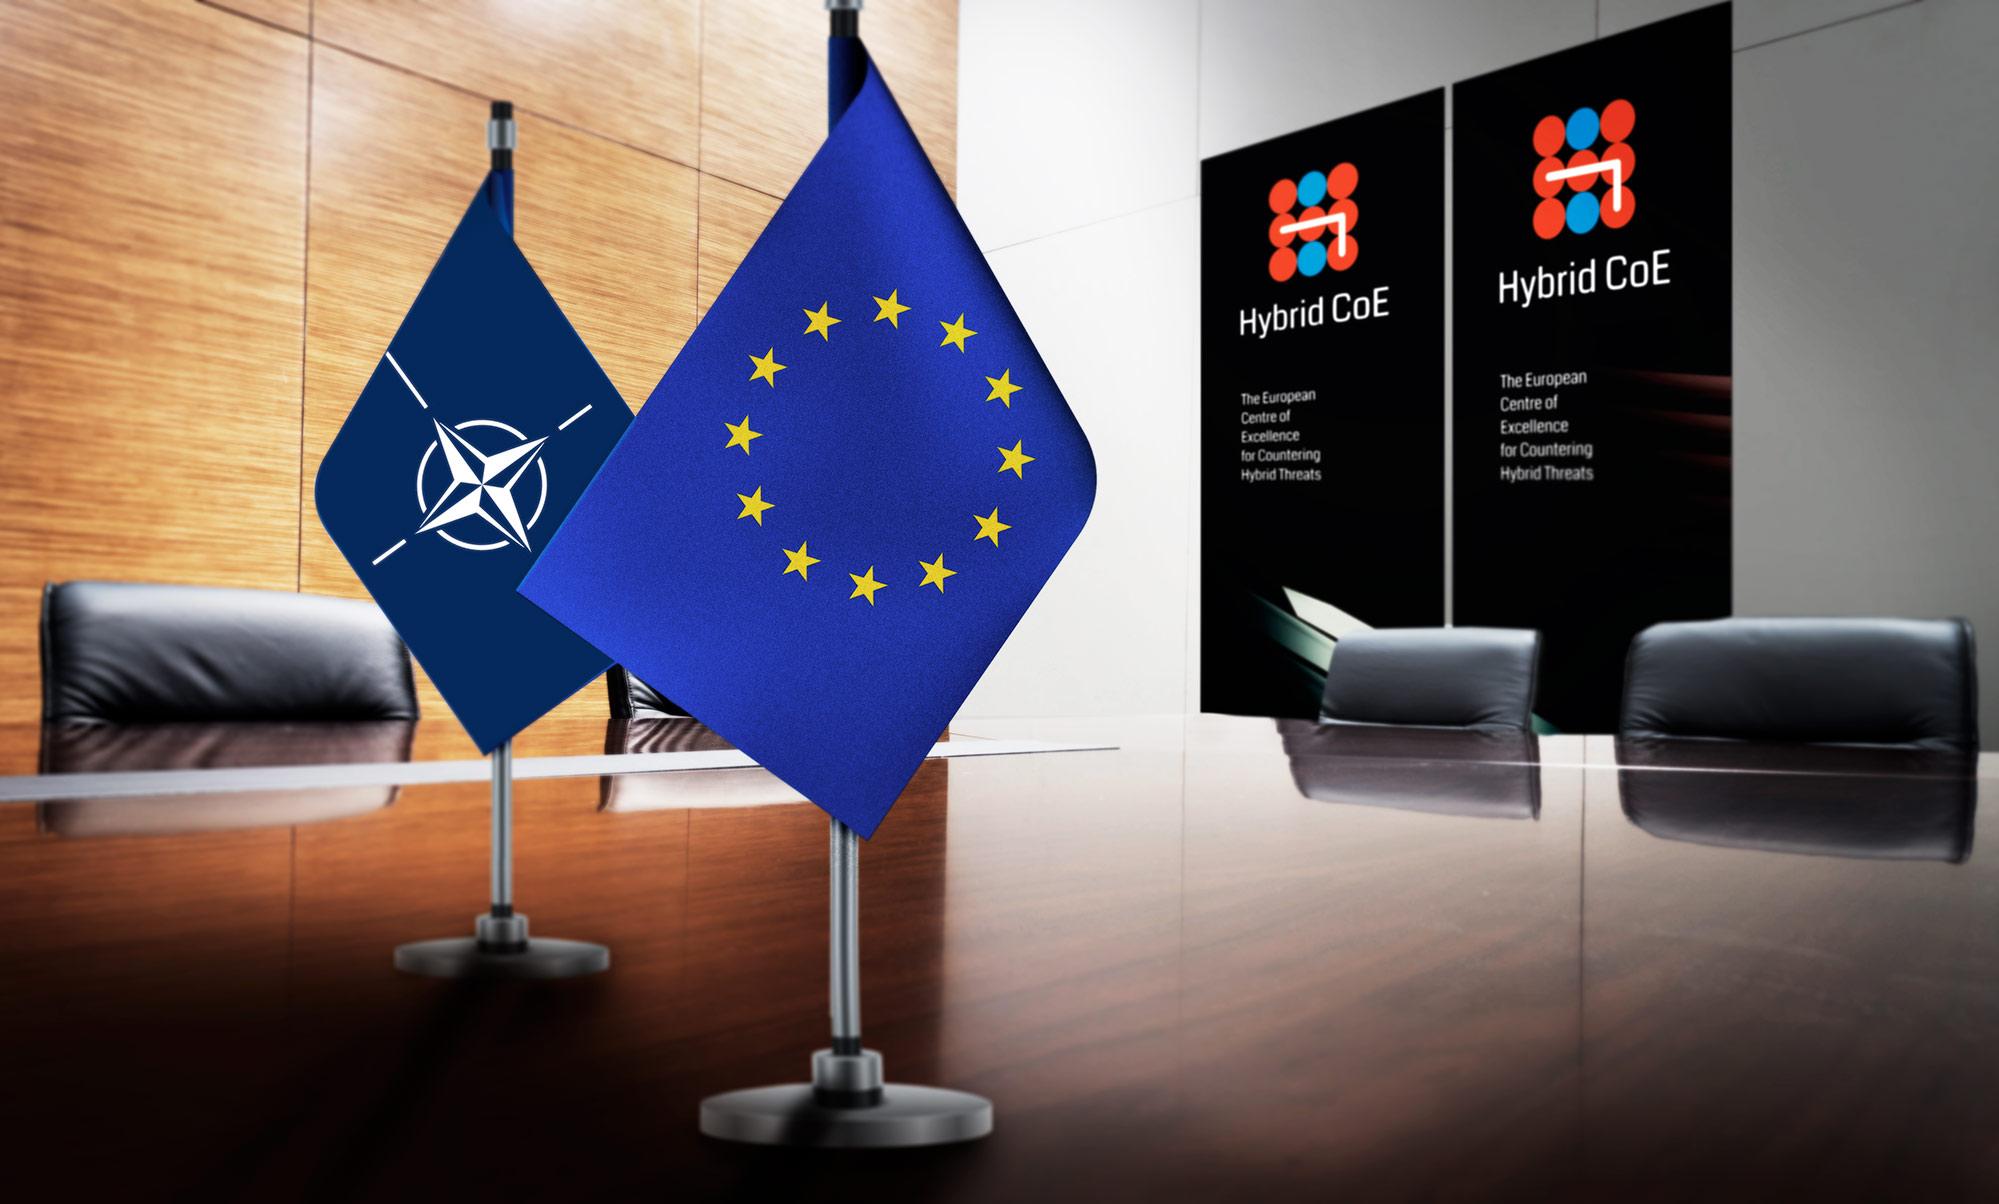 Hồ sơ - Bí mật trong trung tâm 'chống chiến tranh hỗn hợp' của NATO và EU (Hình 2).